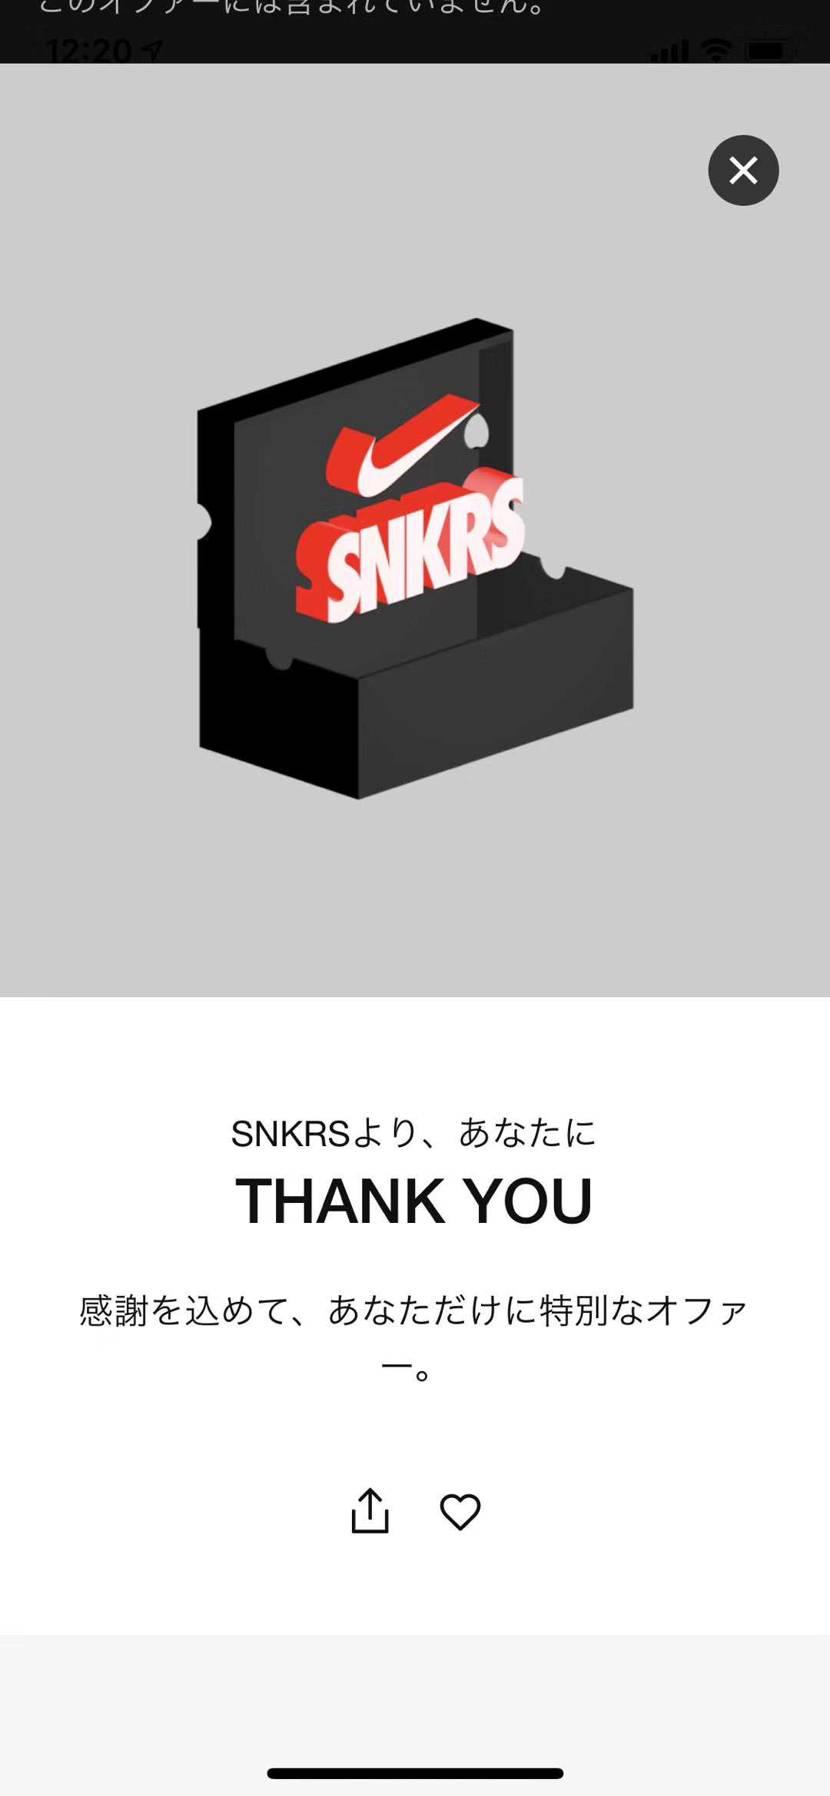 snkrs唯一の限定オファーはこいつでした。確か2019年の12月の時でした。